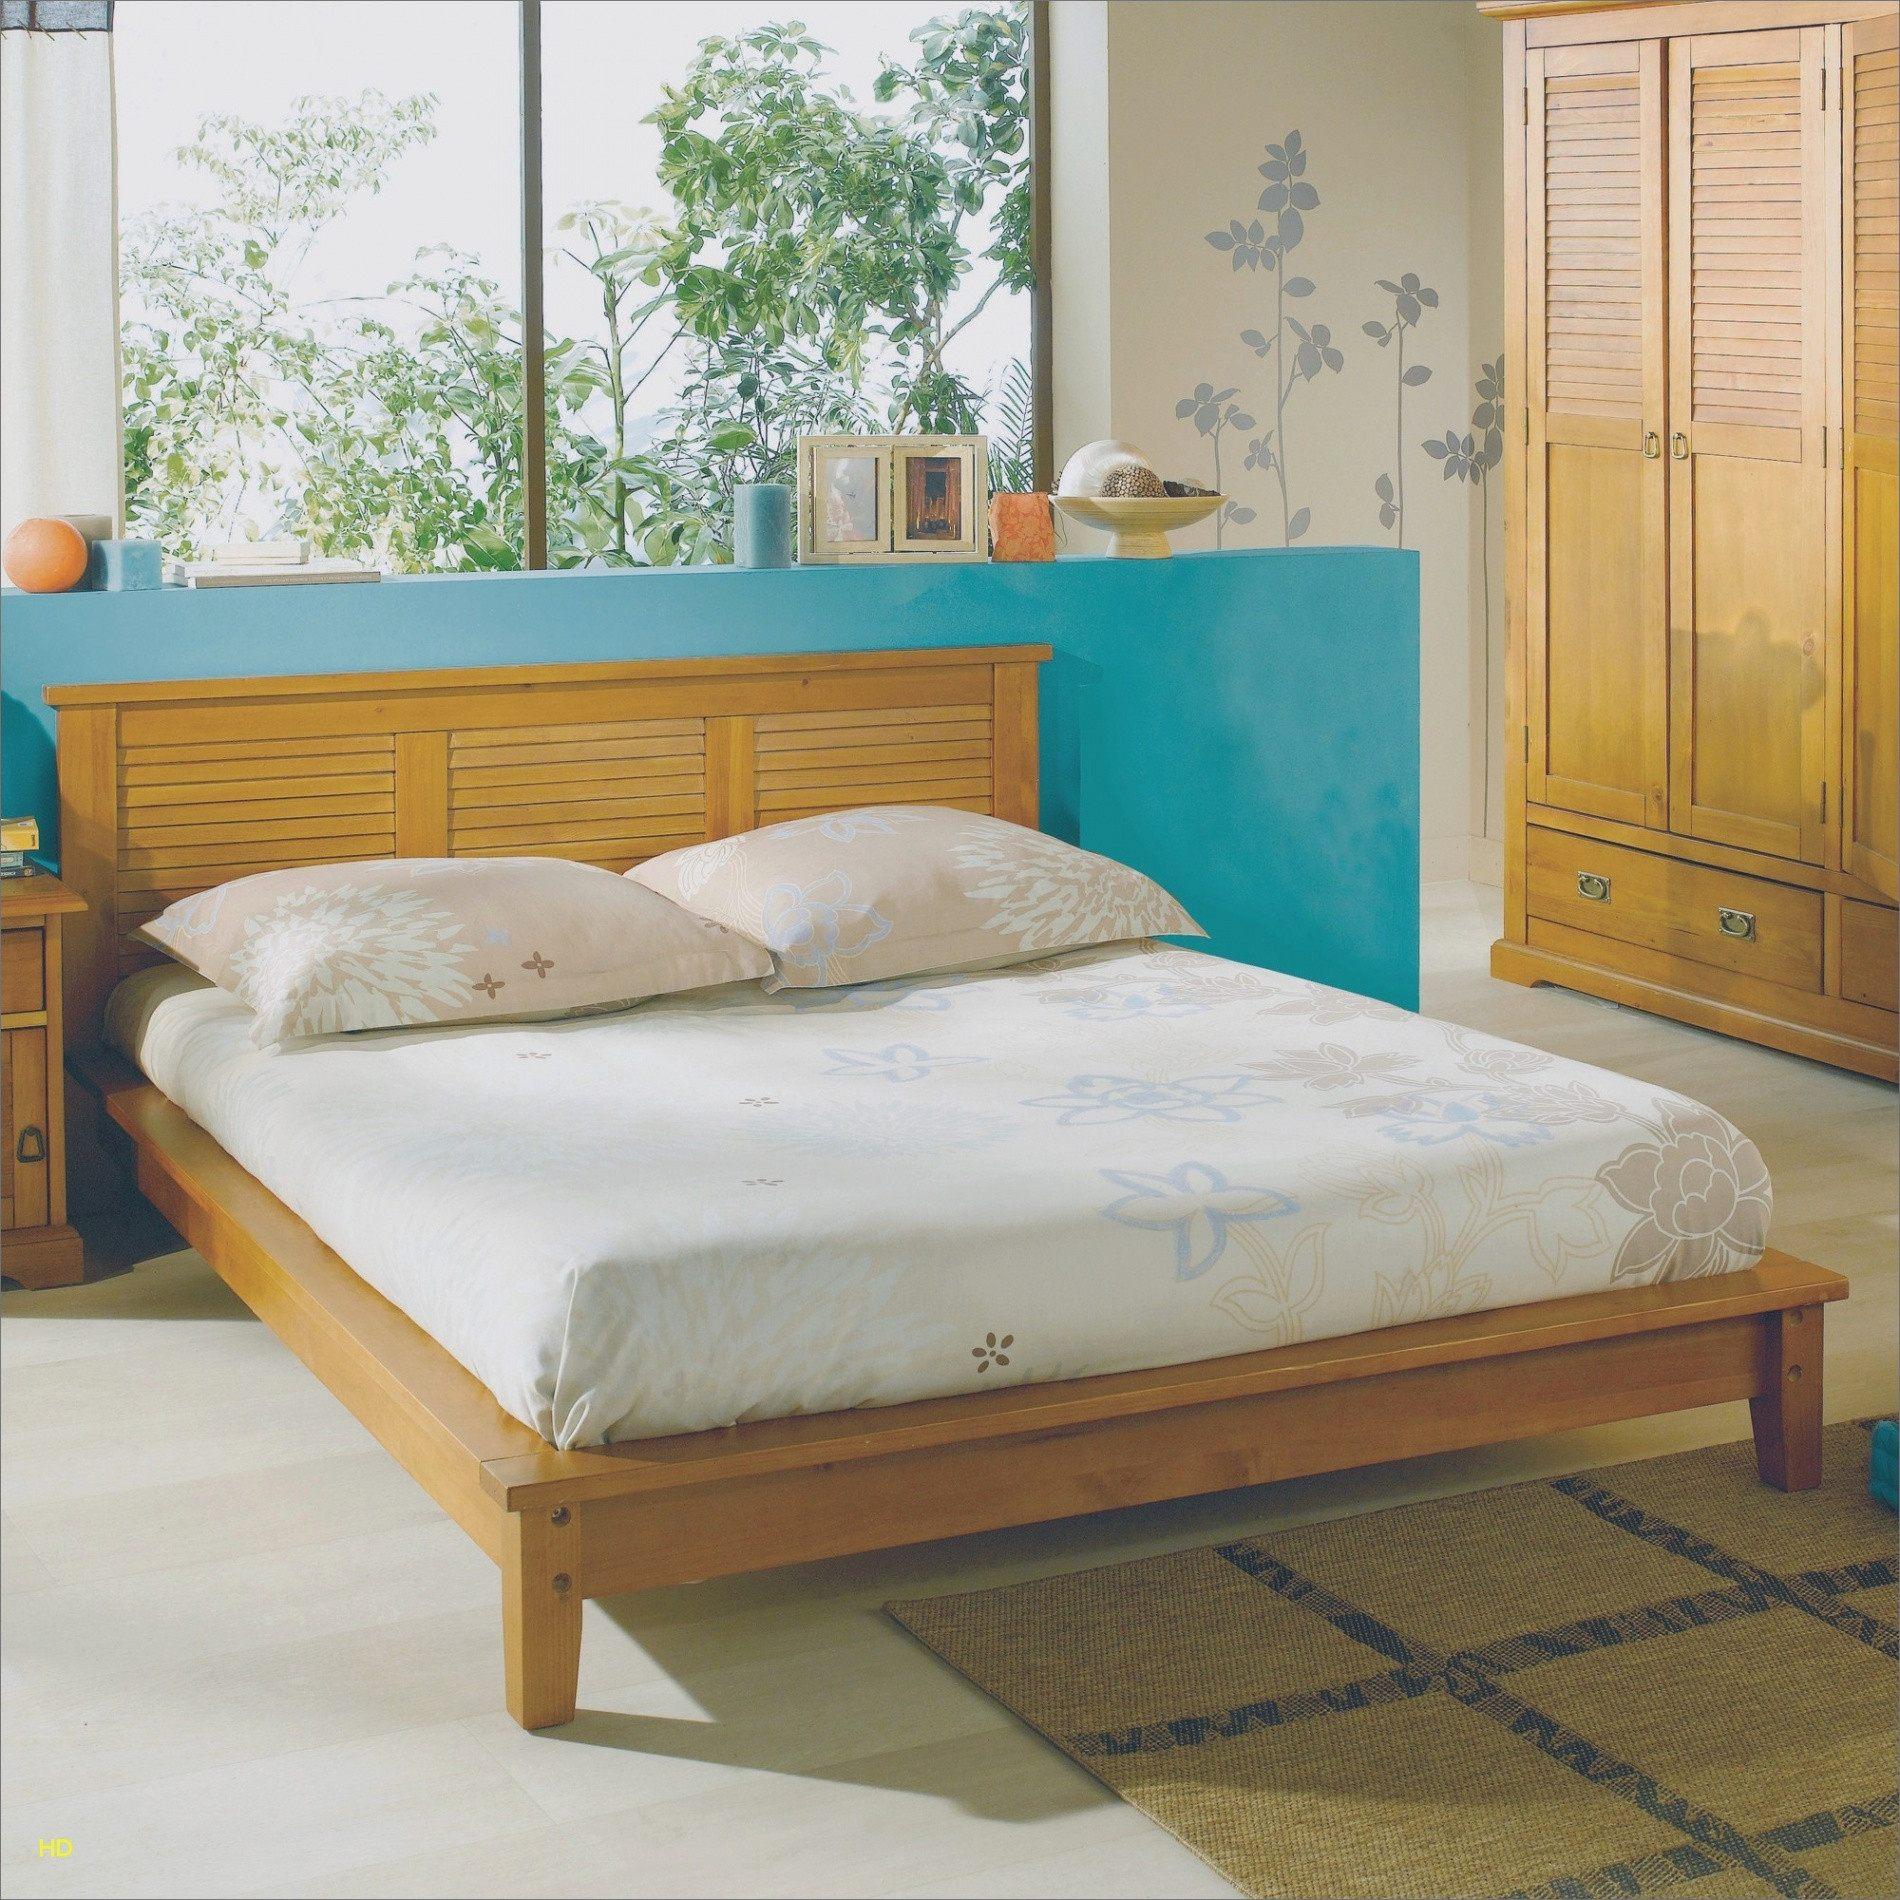 Tete De Lit Tissu Ikea De Luxe Tete De Lit 200 Tissu Tete De Lit Ikea 180 Fauteuil Salon Ikea Fresh